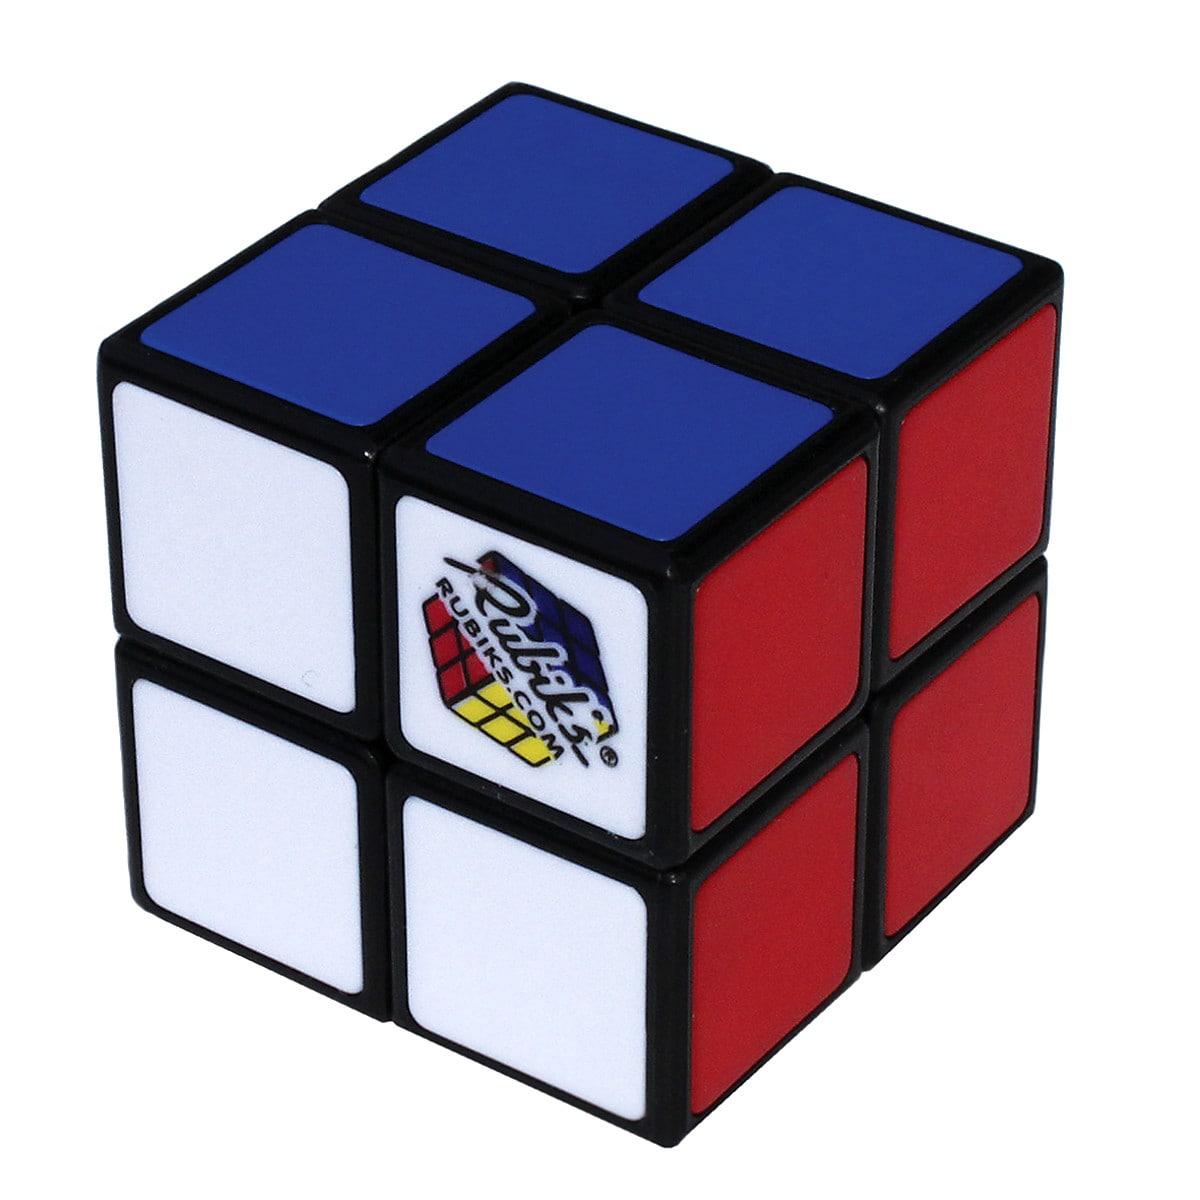 Rubiks kub 2×2